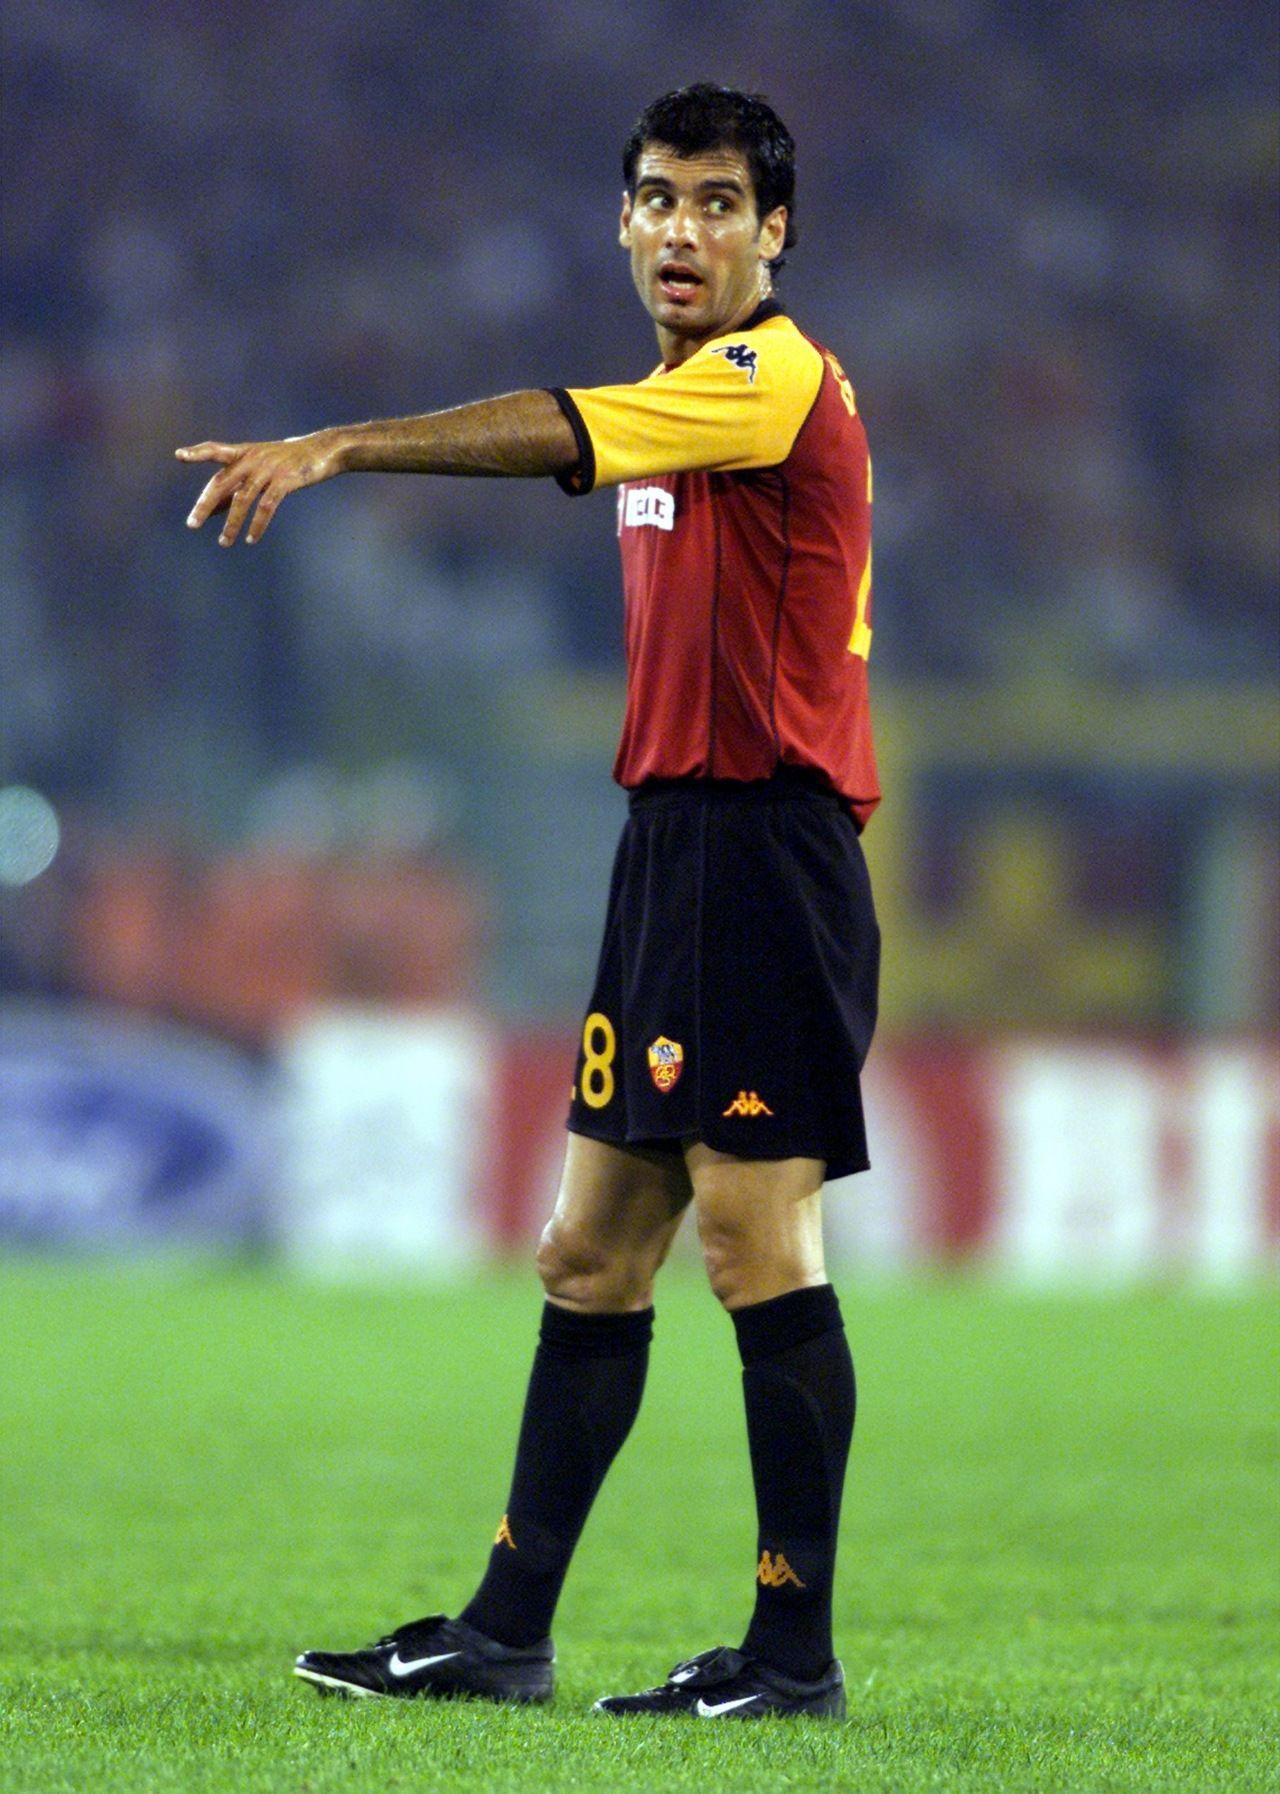 Pep Guardiola saat berseragam AS Roma ..gantengan sekarang